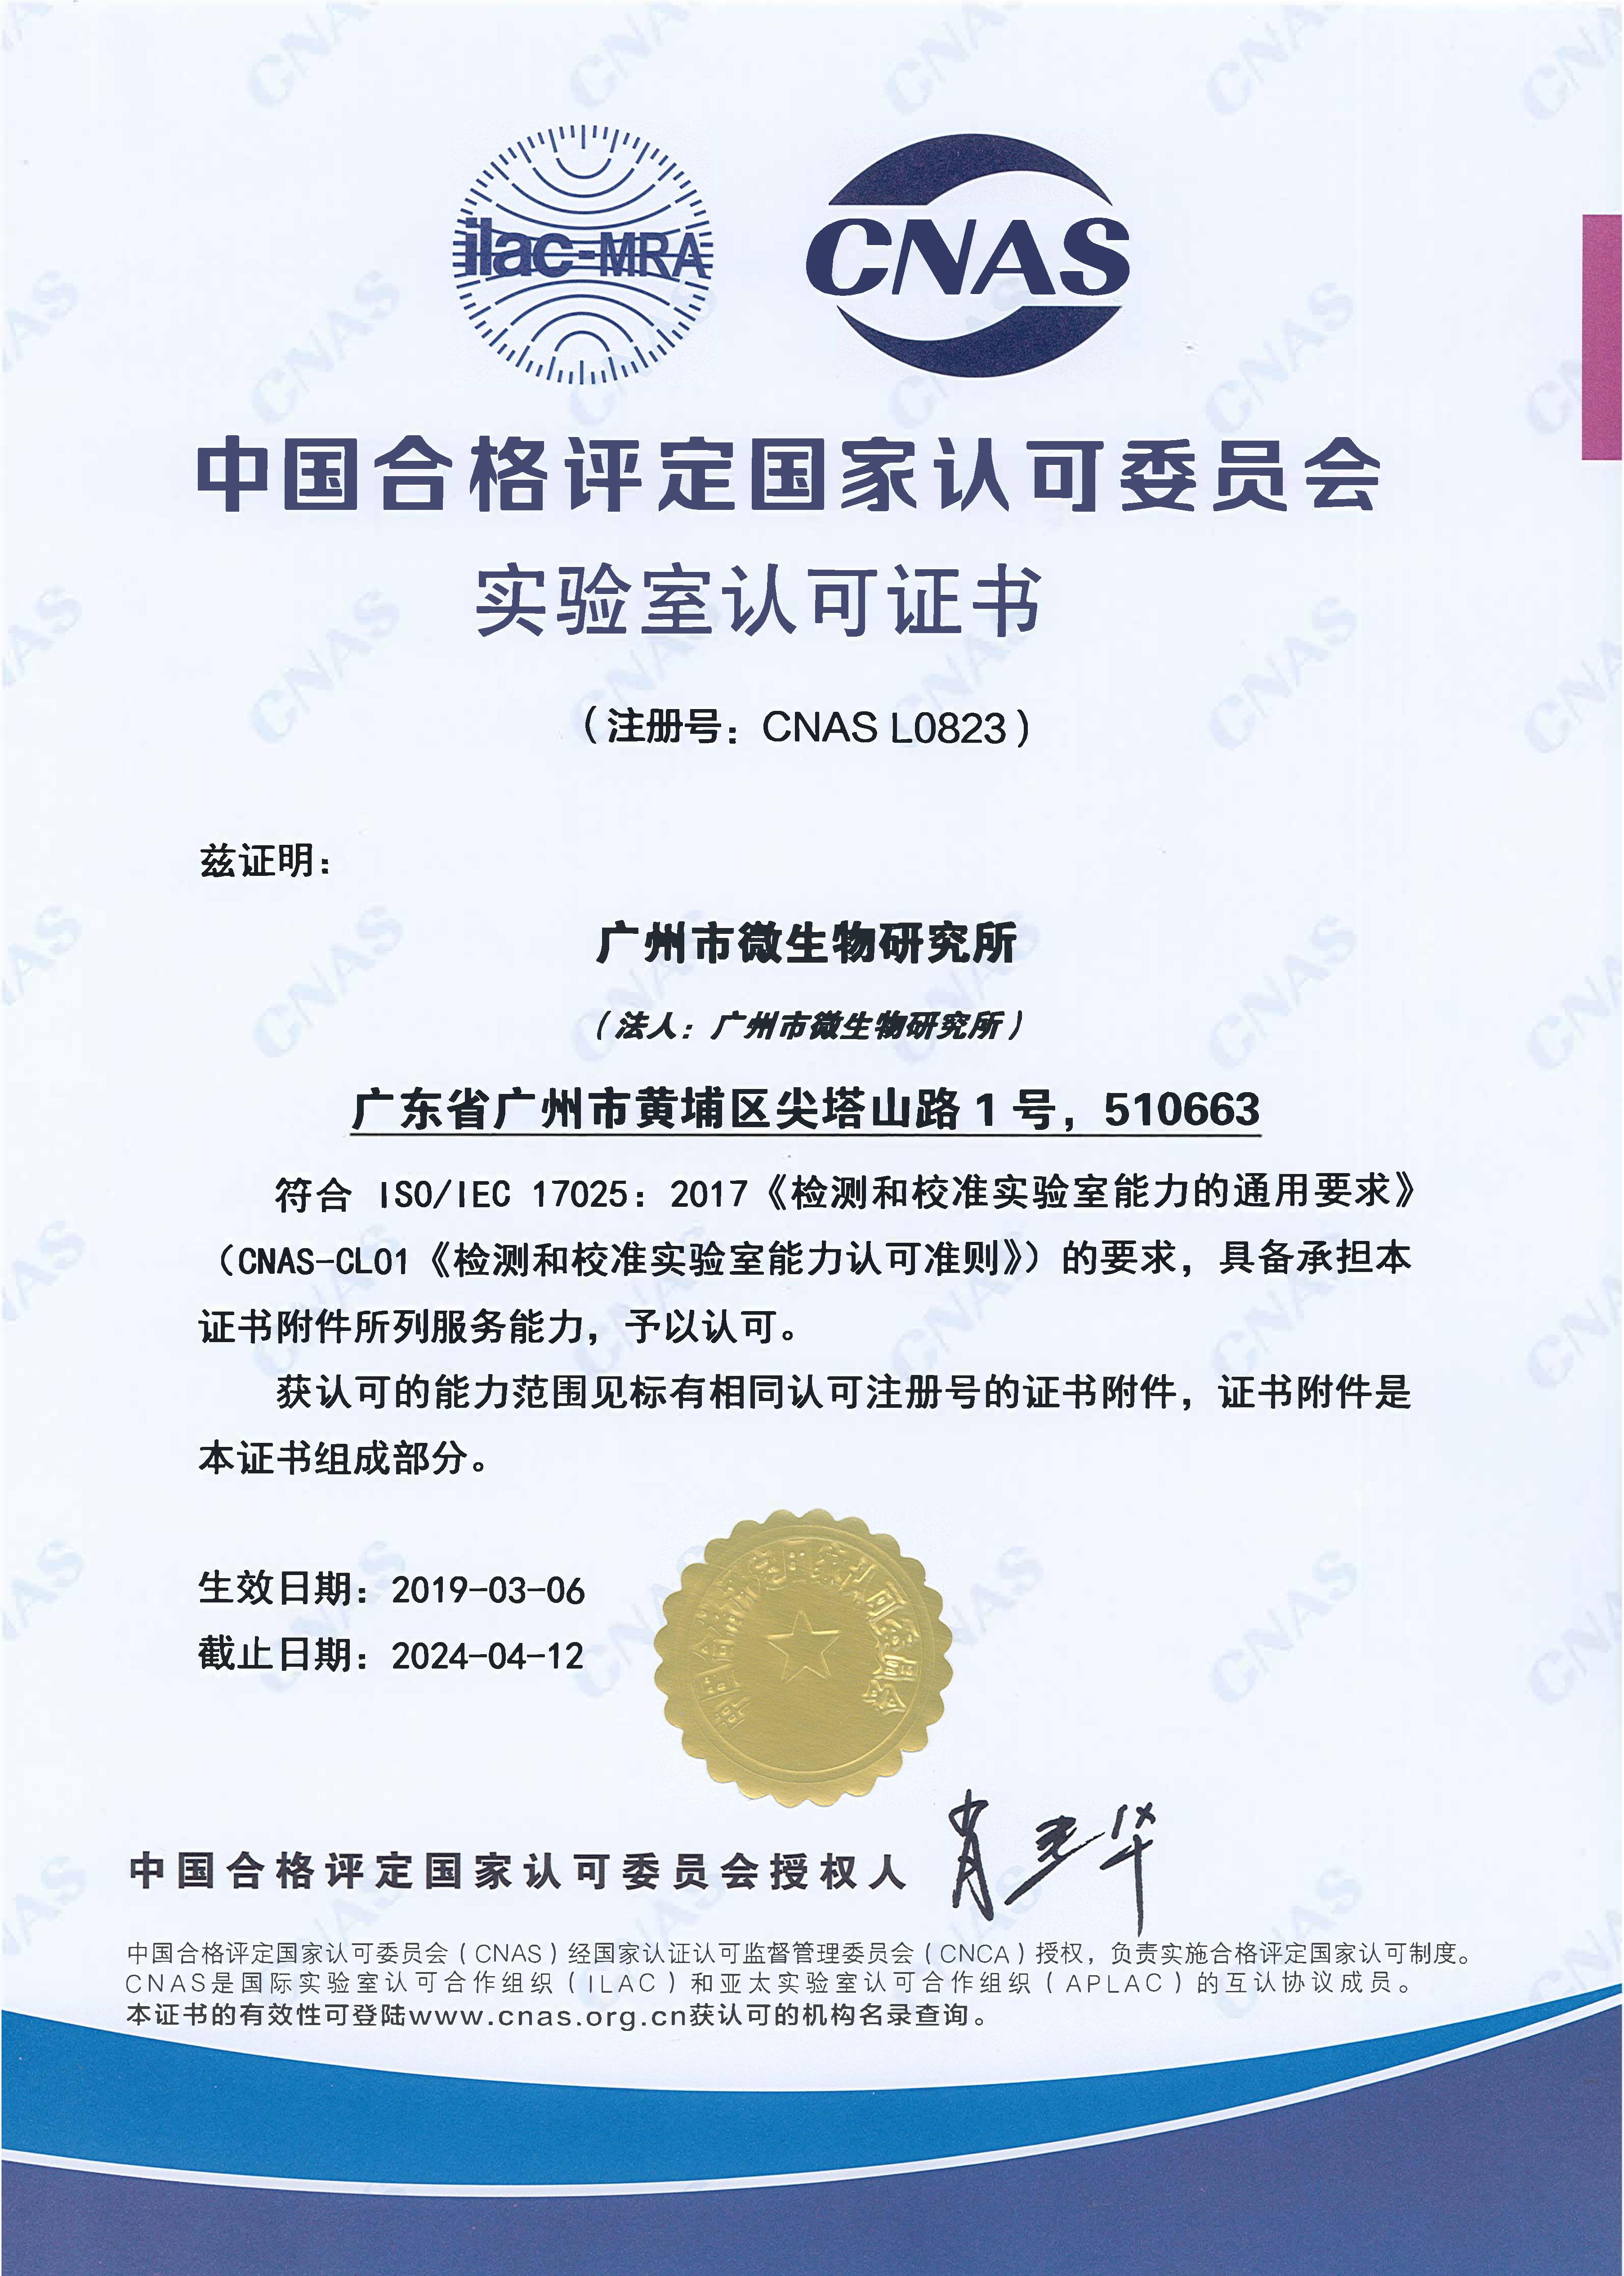 实验室认可证书_中文(CNAS)